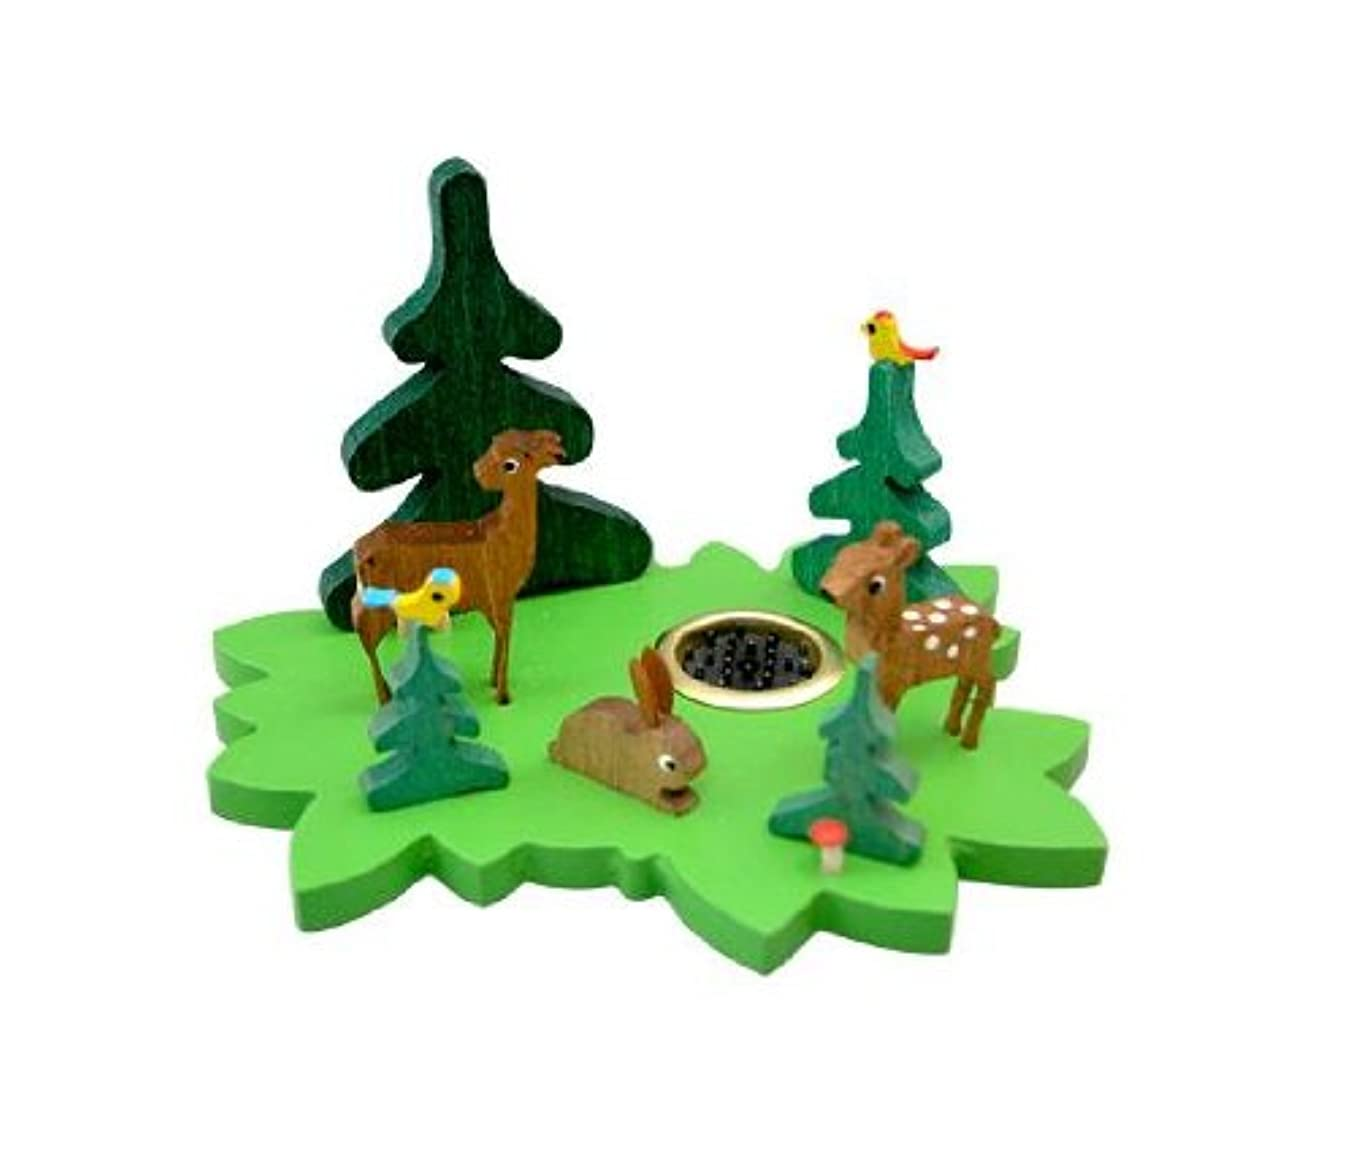 不毛緊張気味の悪いインセンススタンド 森の動物 グリーン